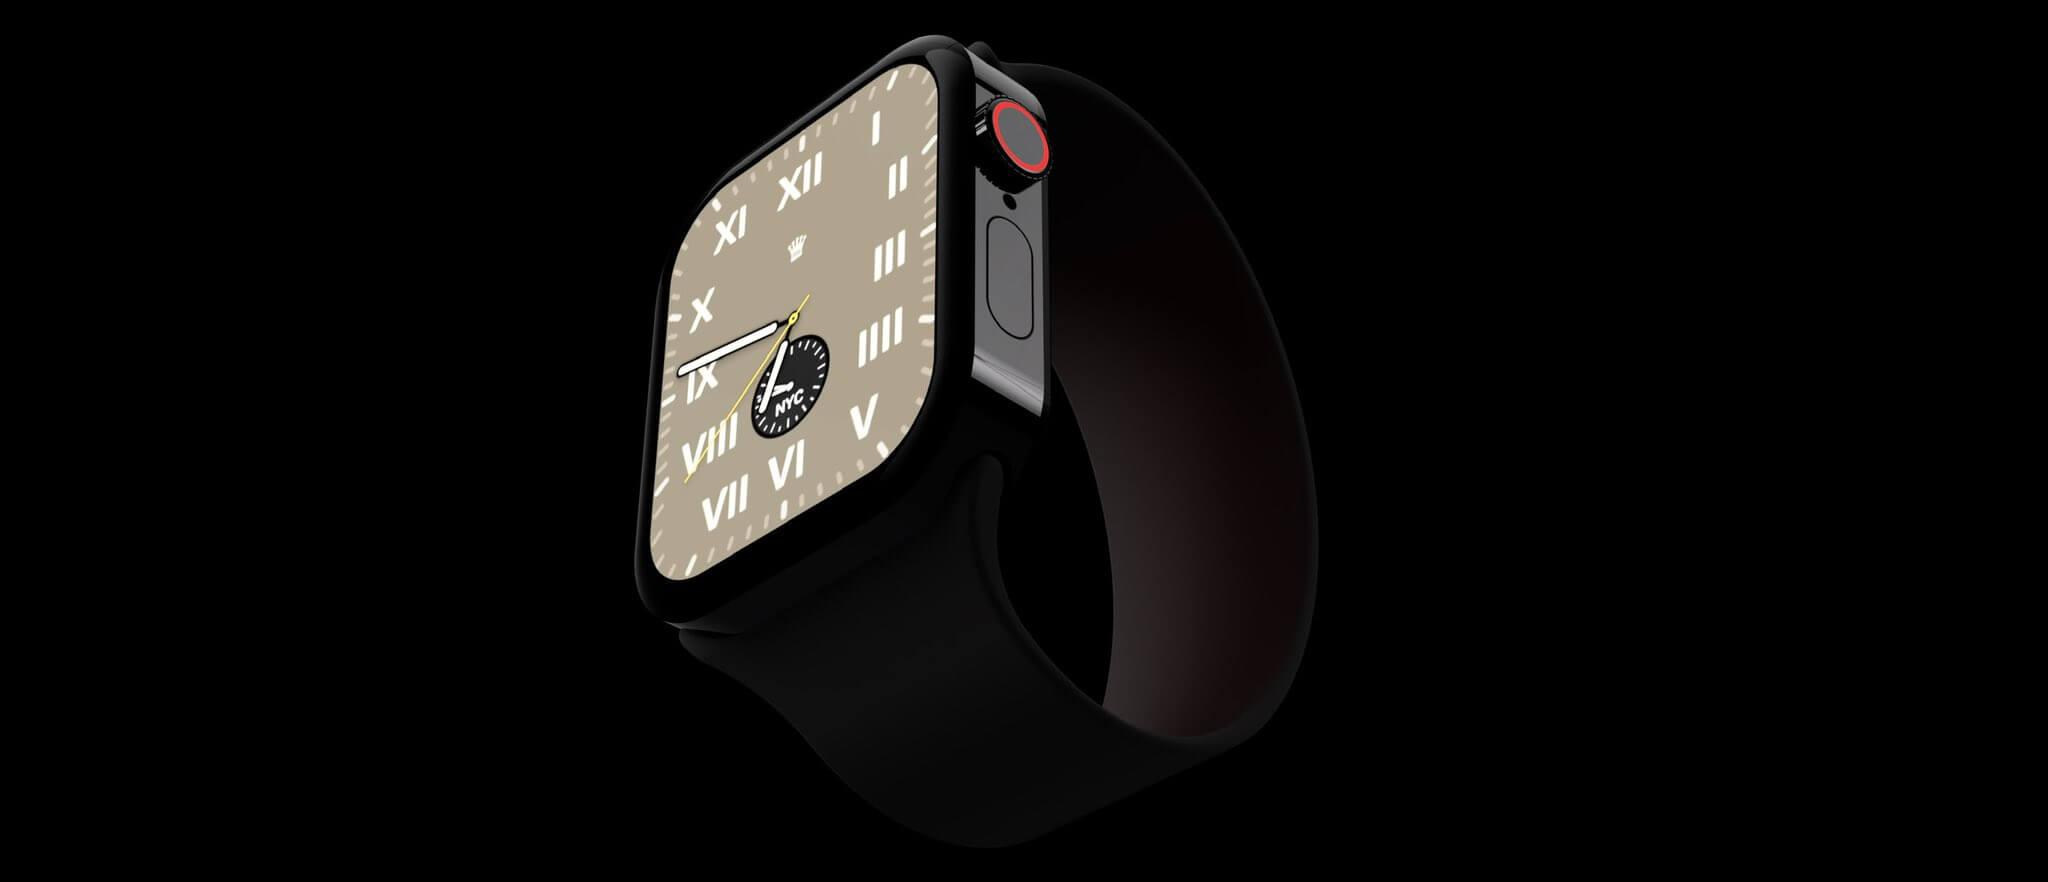 Apple Watch 7: Дата выхода, цена, слухи и новости Автономность